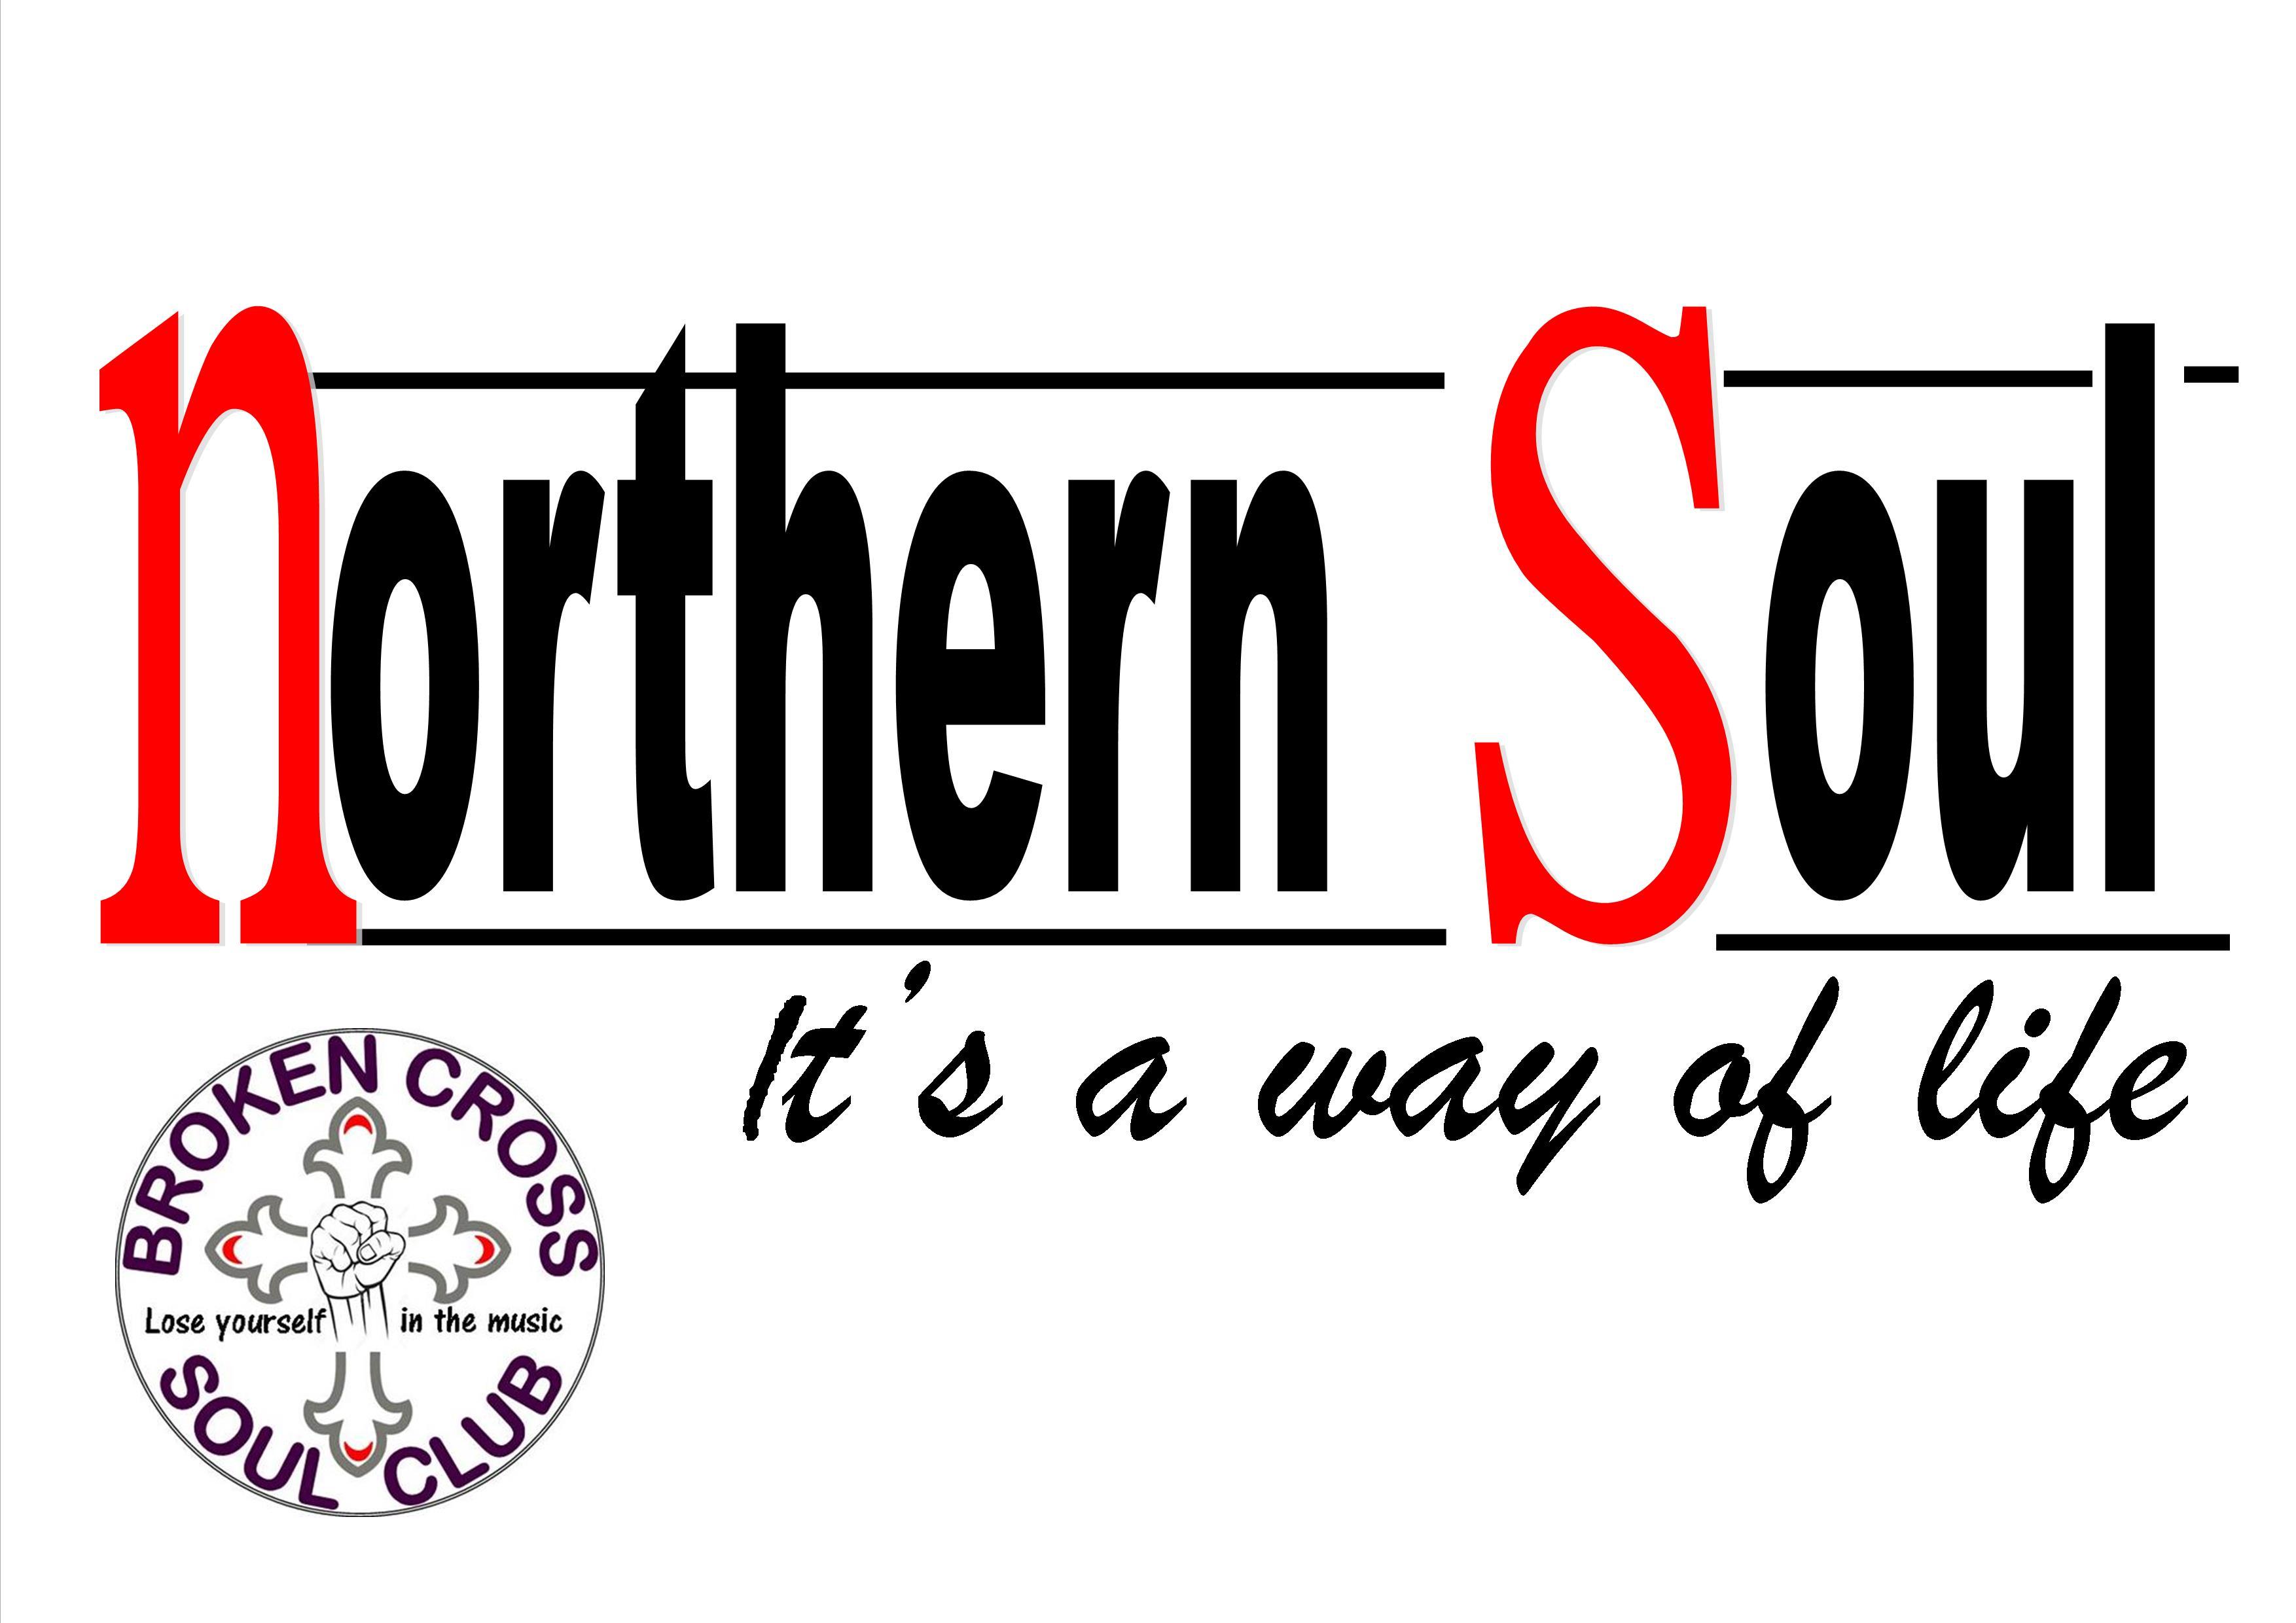 Broken Cross Soul Club flyer